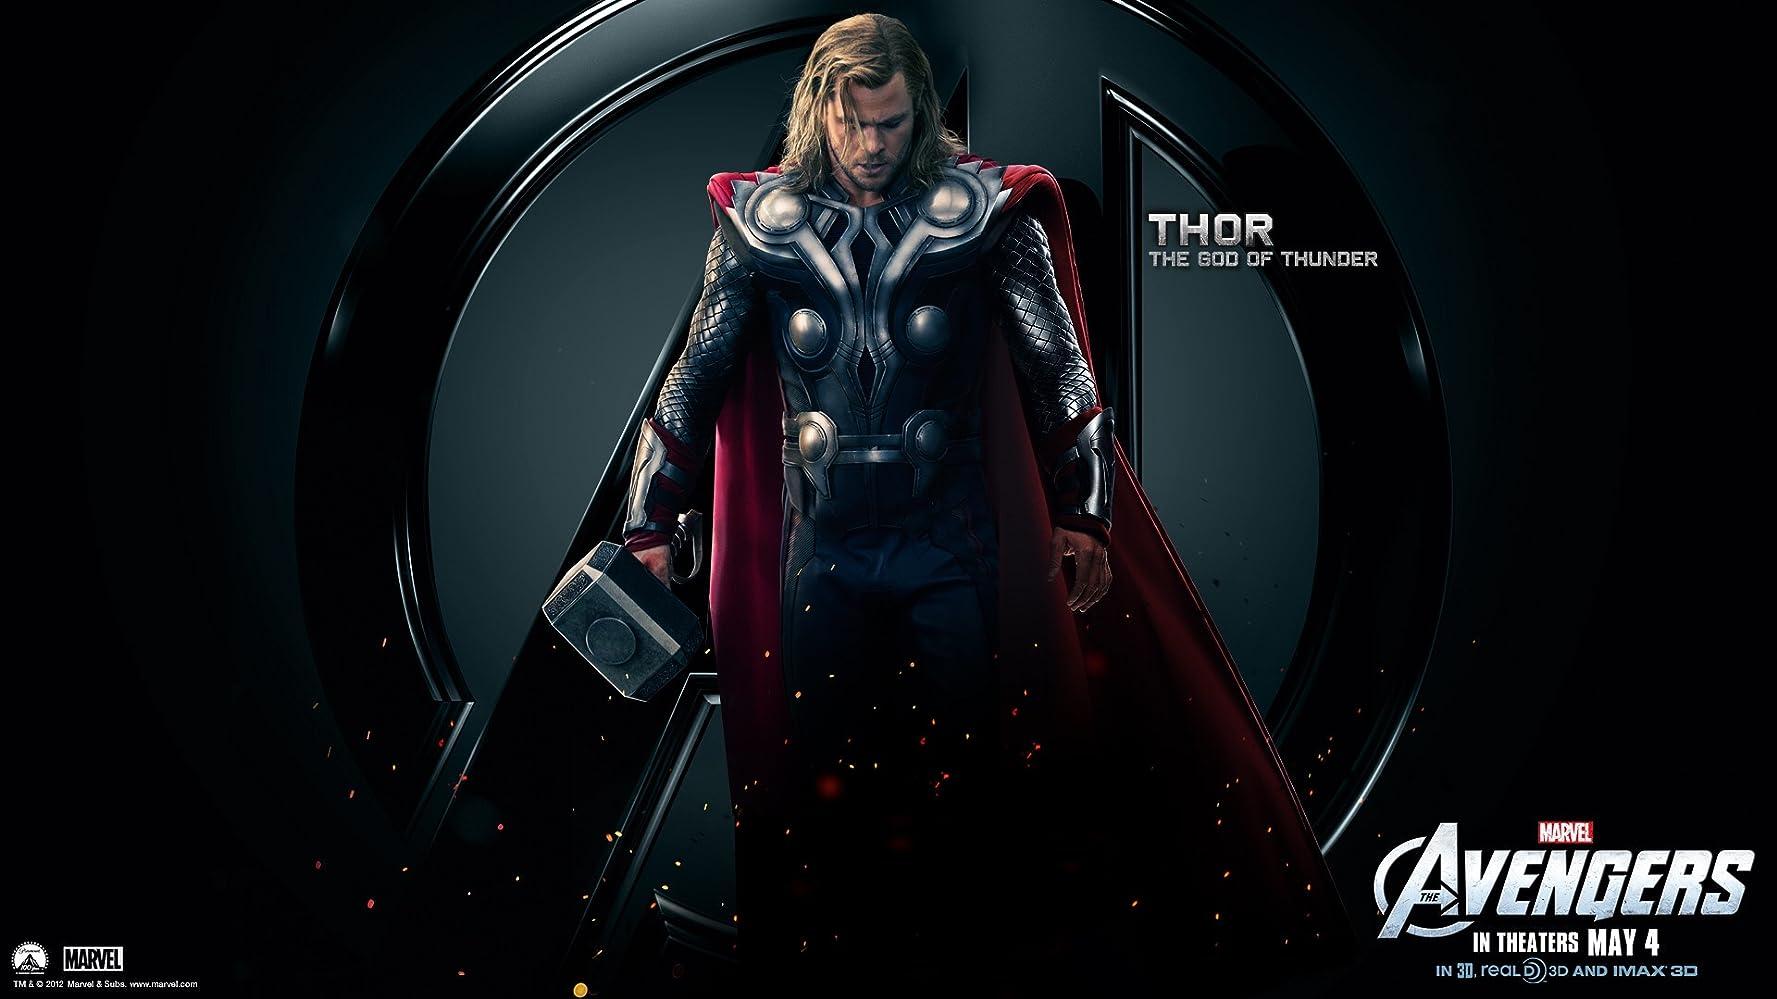 Chris Hemsworth in The Avengers (2012)